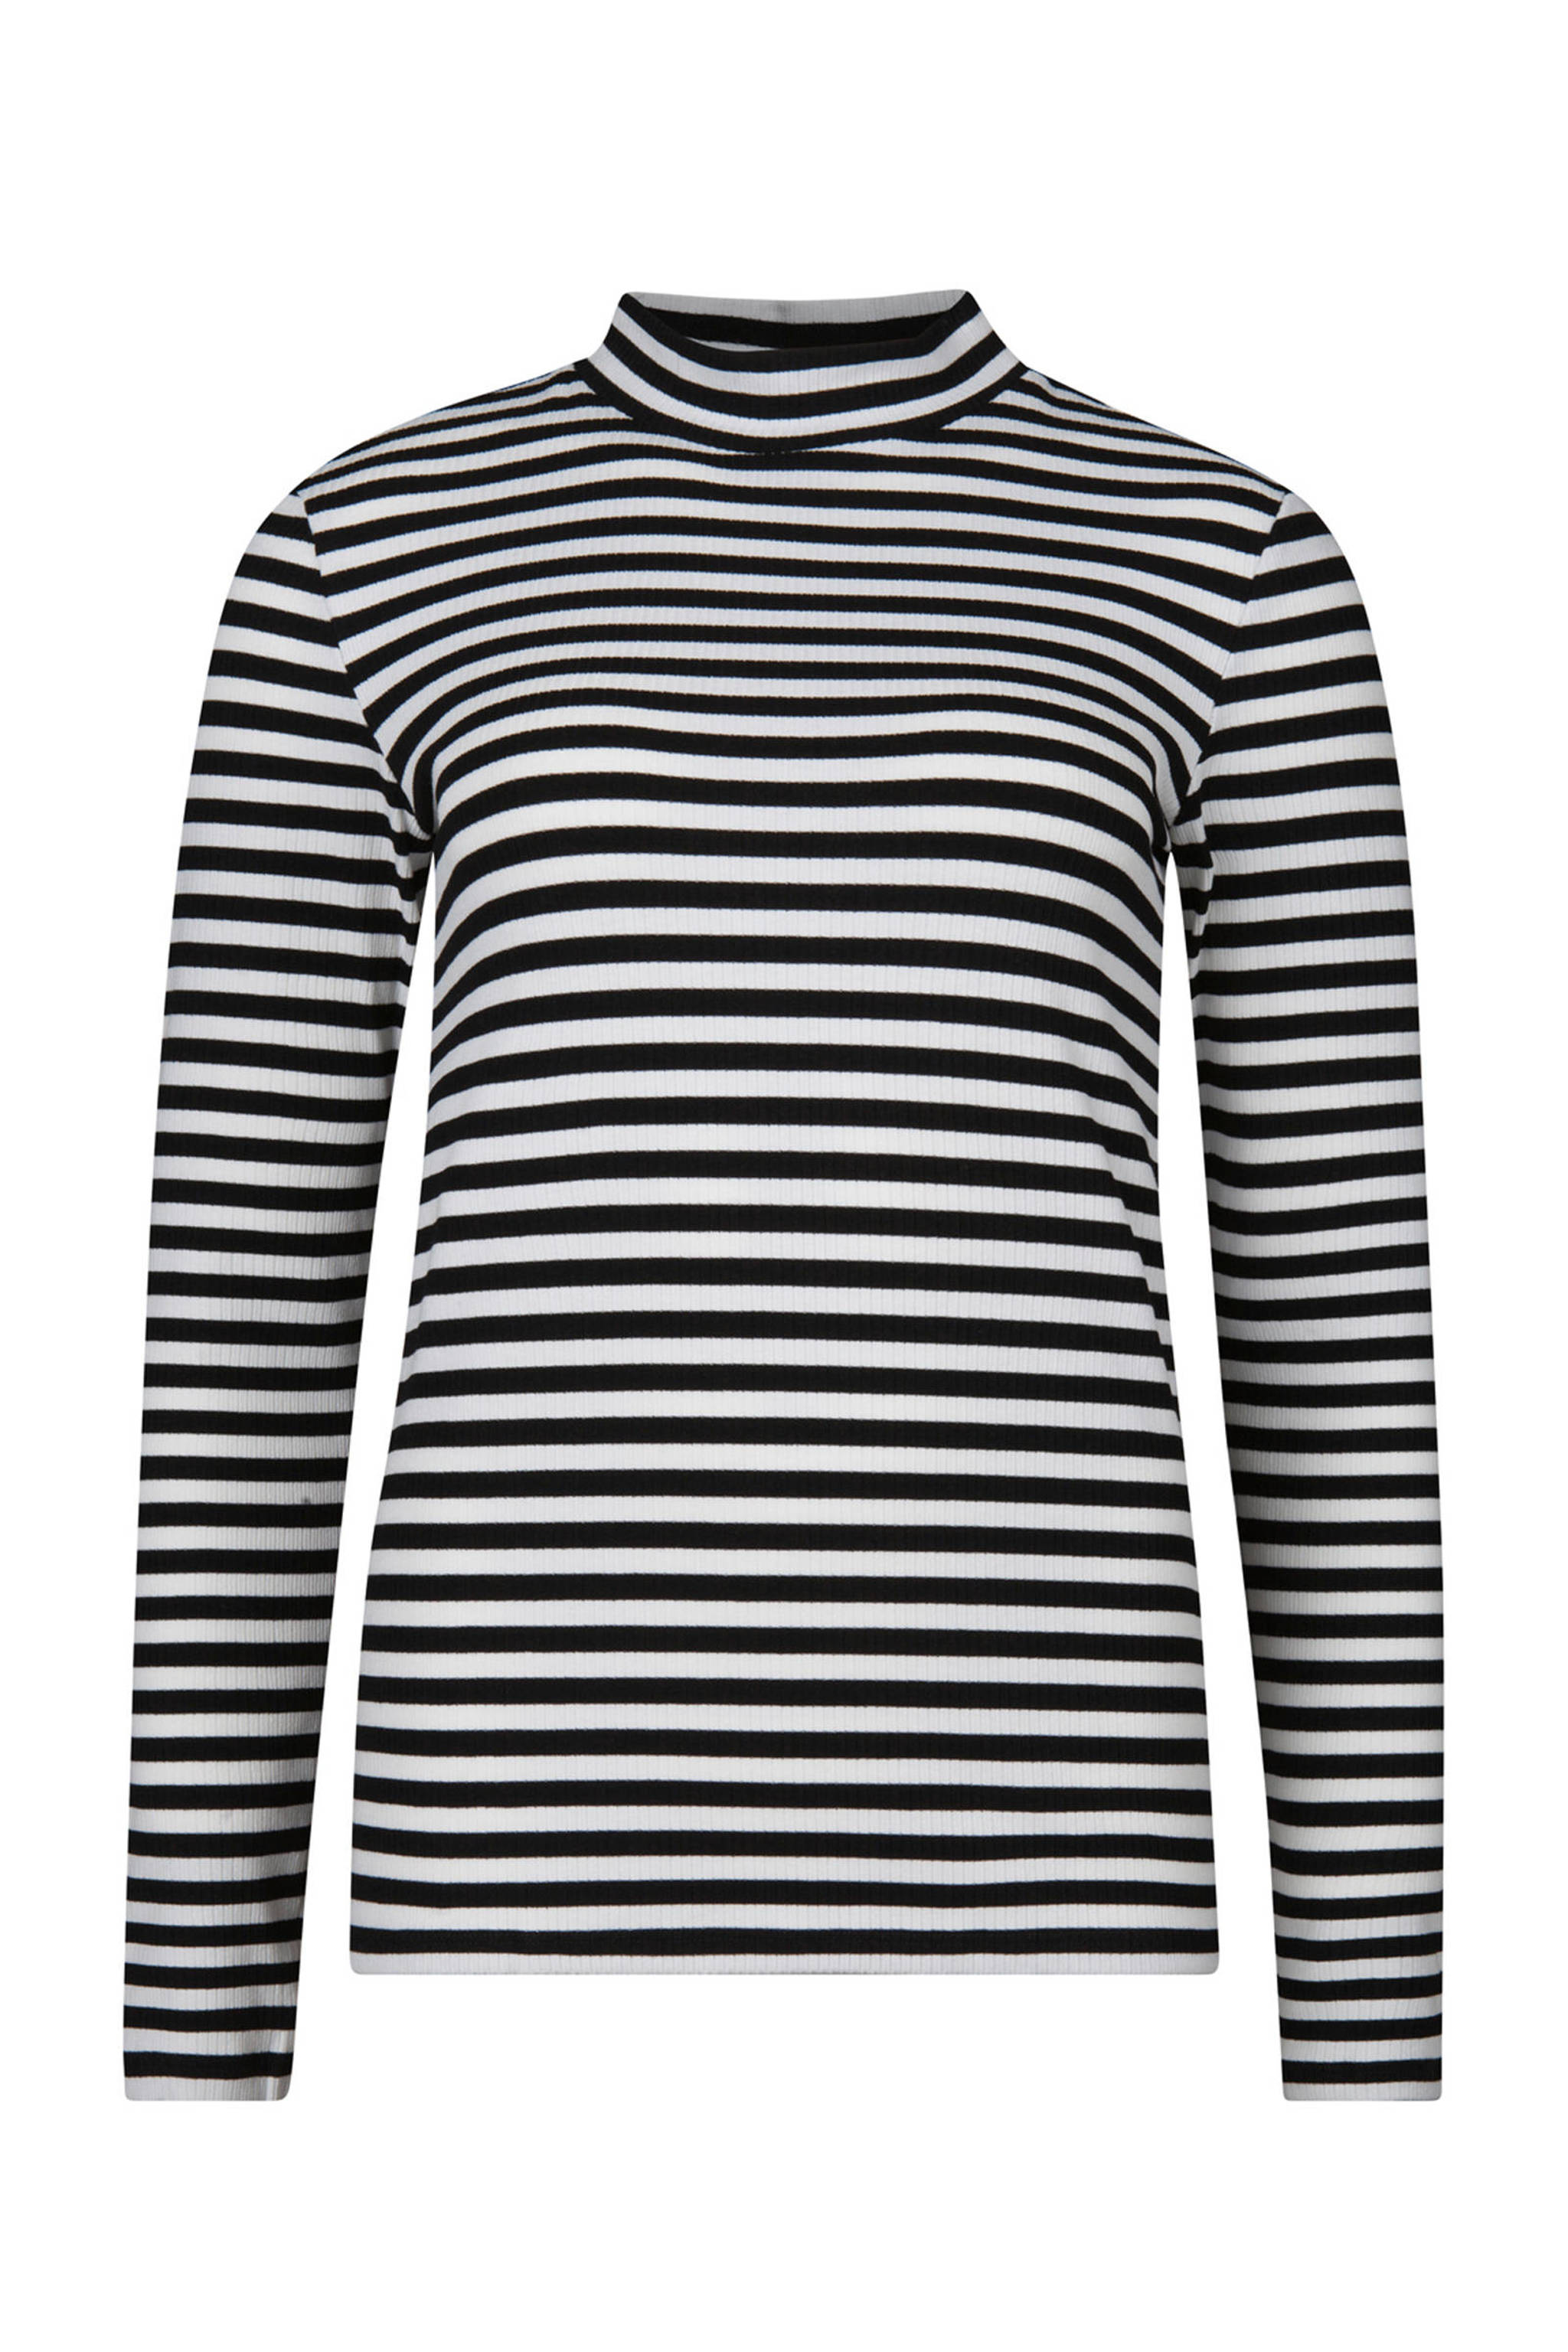 Bedwelming WE Fashion gestreepte top met col zwart/wit | wehkamp @KH52